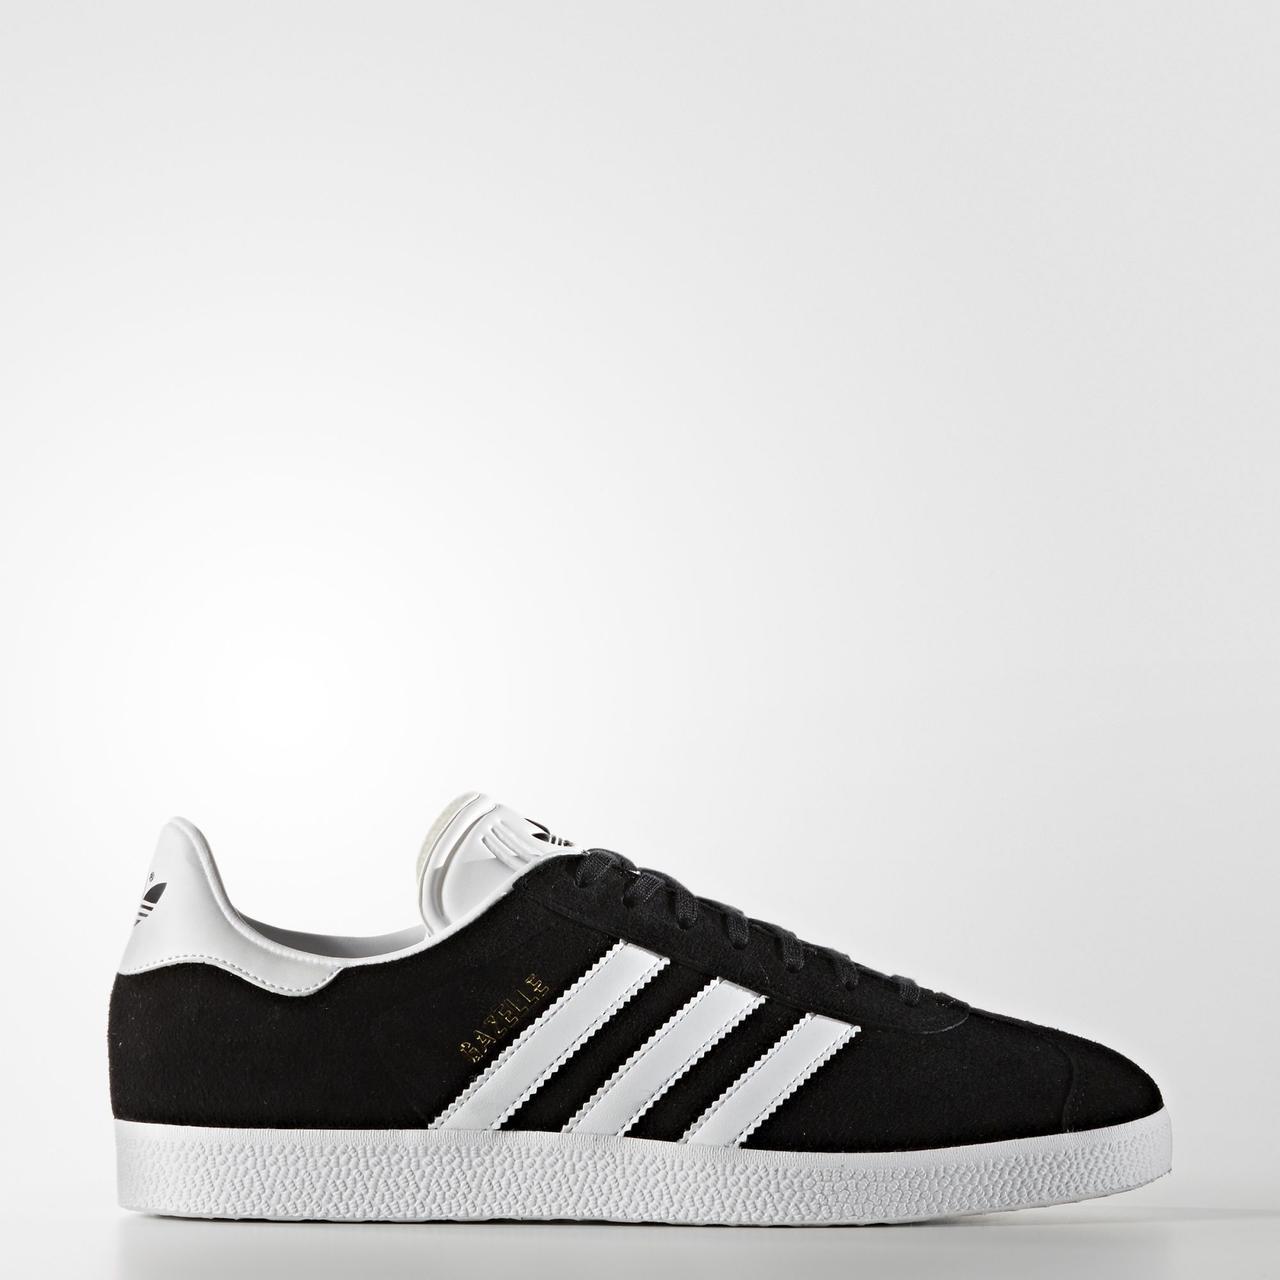 94f9498cbb31 Купить Мужские кроссовки Adidas Originals Gazelle (Артикул: BB5476) в  интернет магазине ...